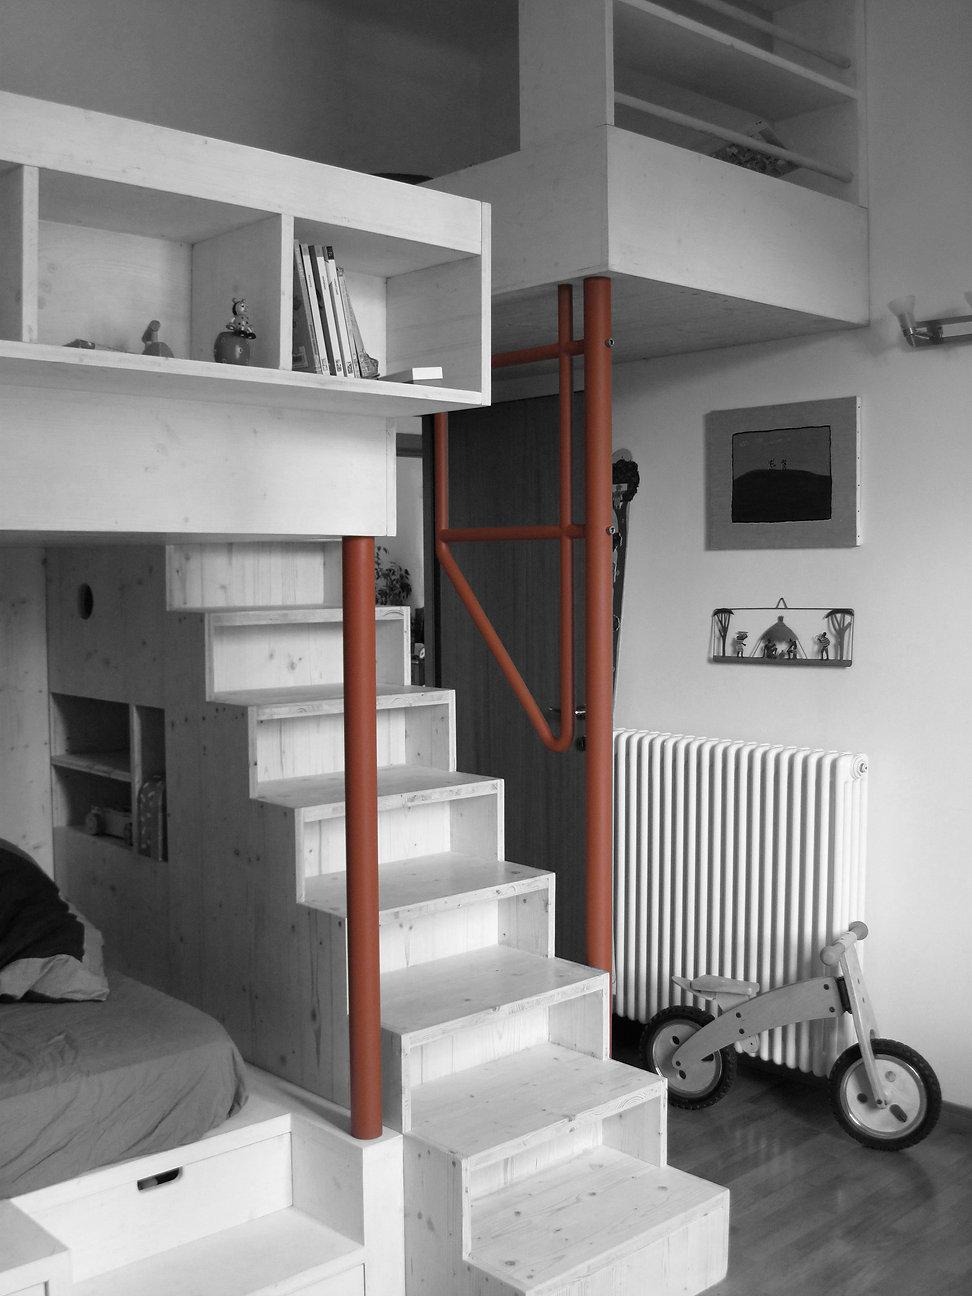 Maison DK